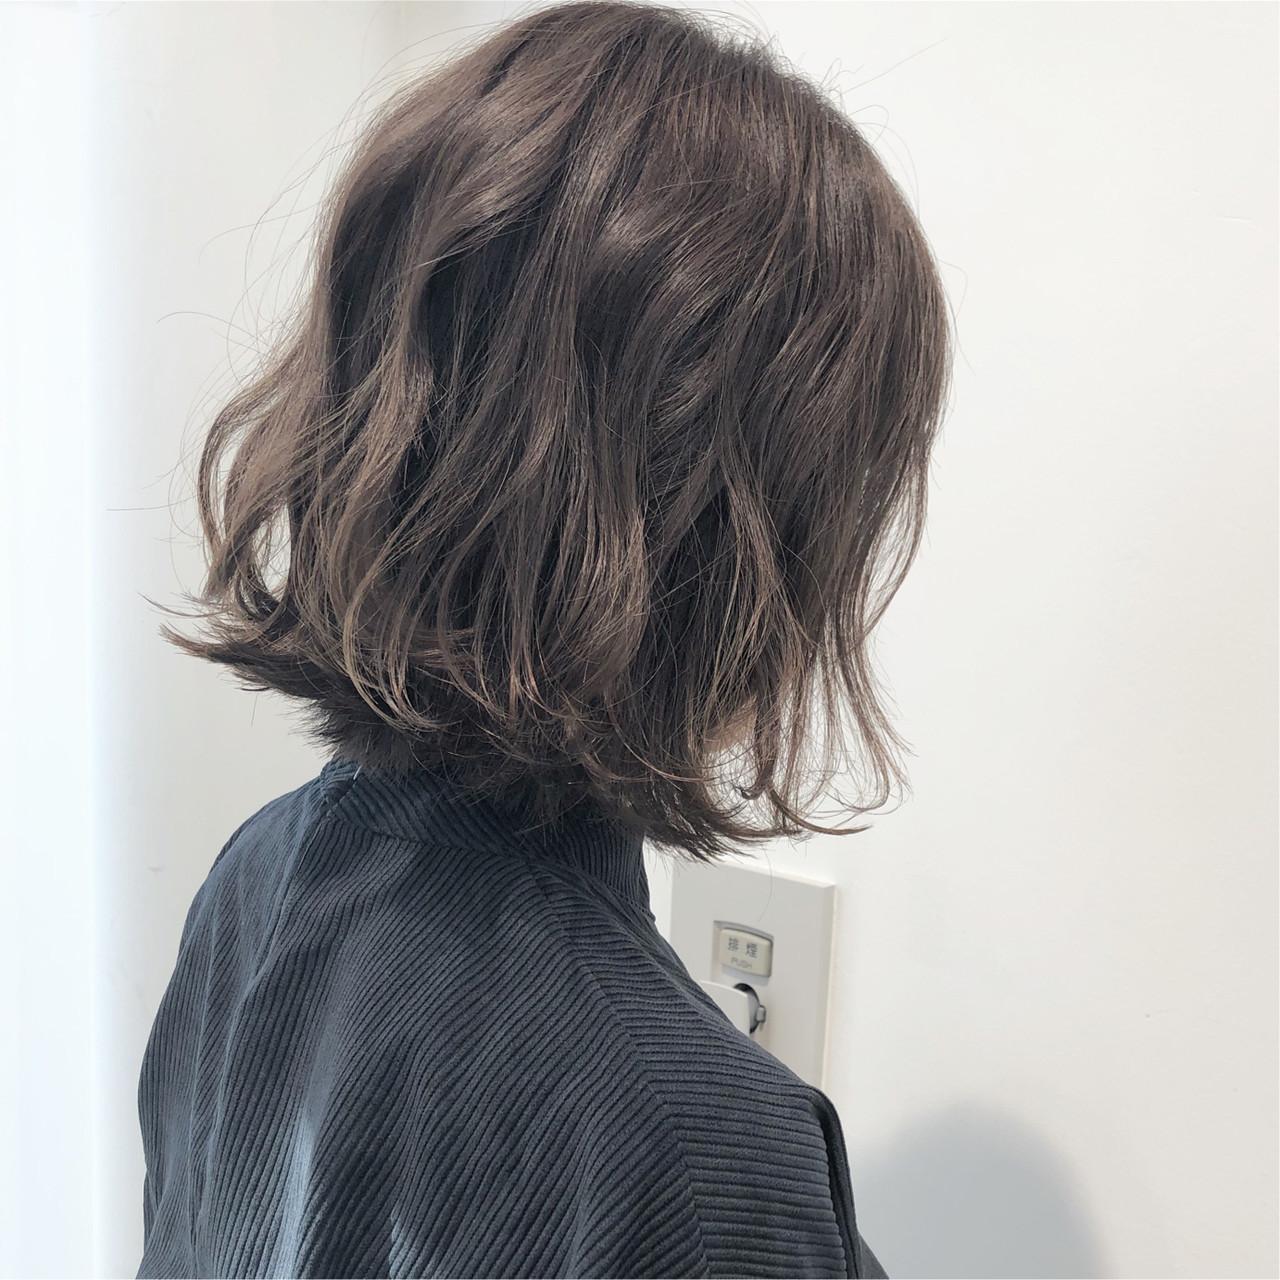 ナチュラル グレージュ アンニュイほつれヘア ハイライト ヘアスタイルや髪型の写真・画像 | 市岡 久 / BLANCOtres